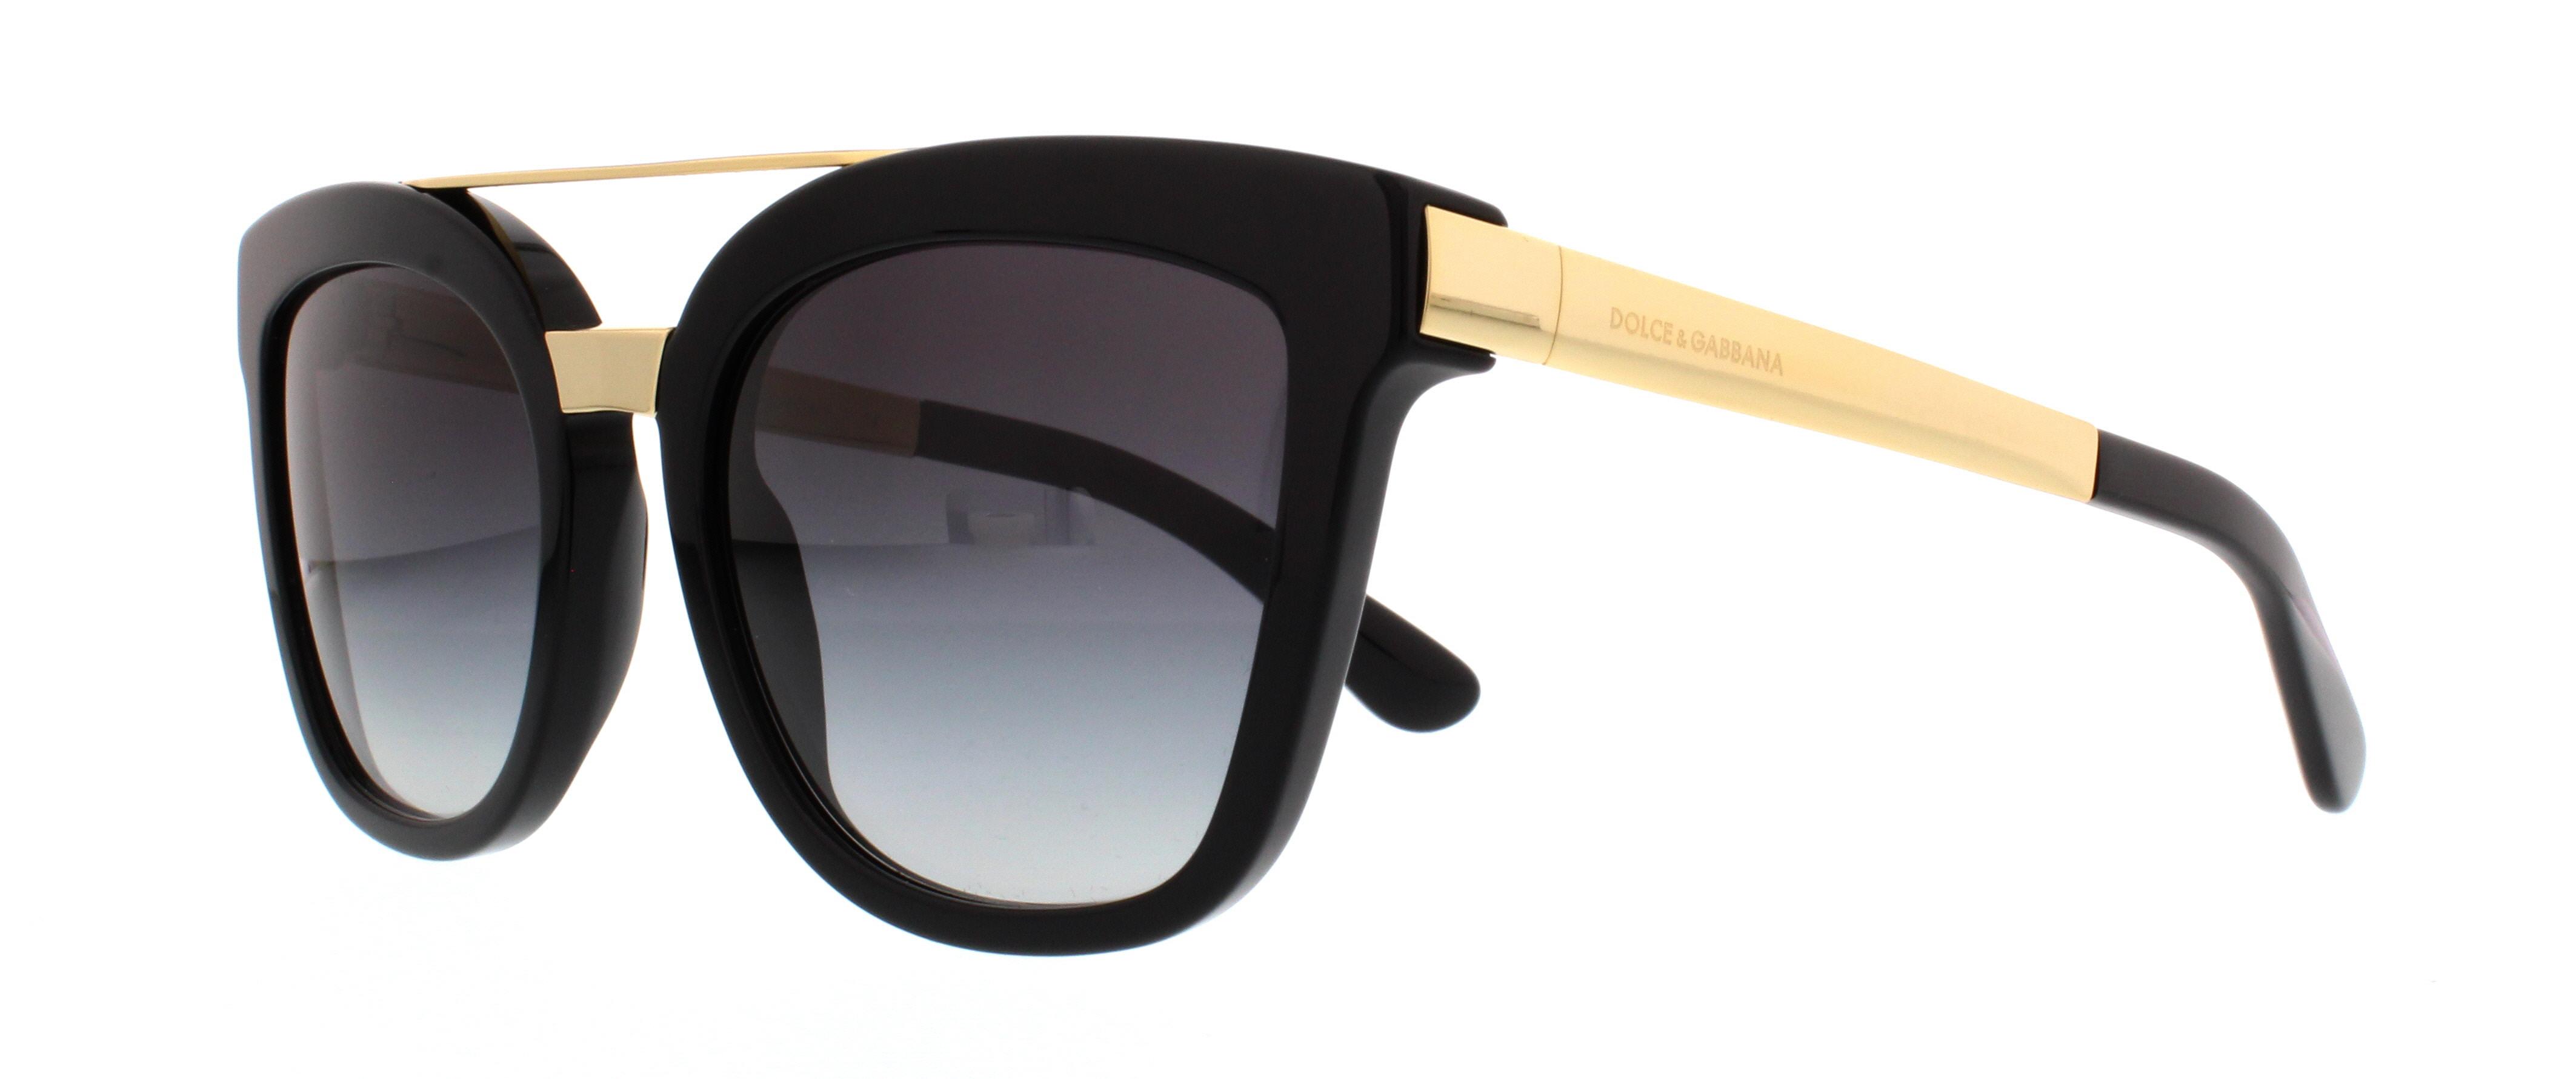 Dolce and Gabbana DG4269 Sonnenbrille Schwarz und Gold 5018G 54mm jzEgr0A